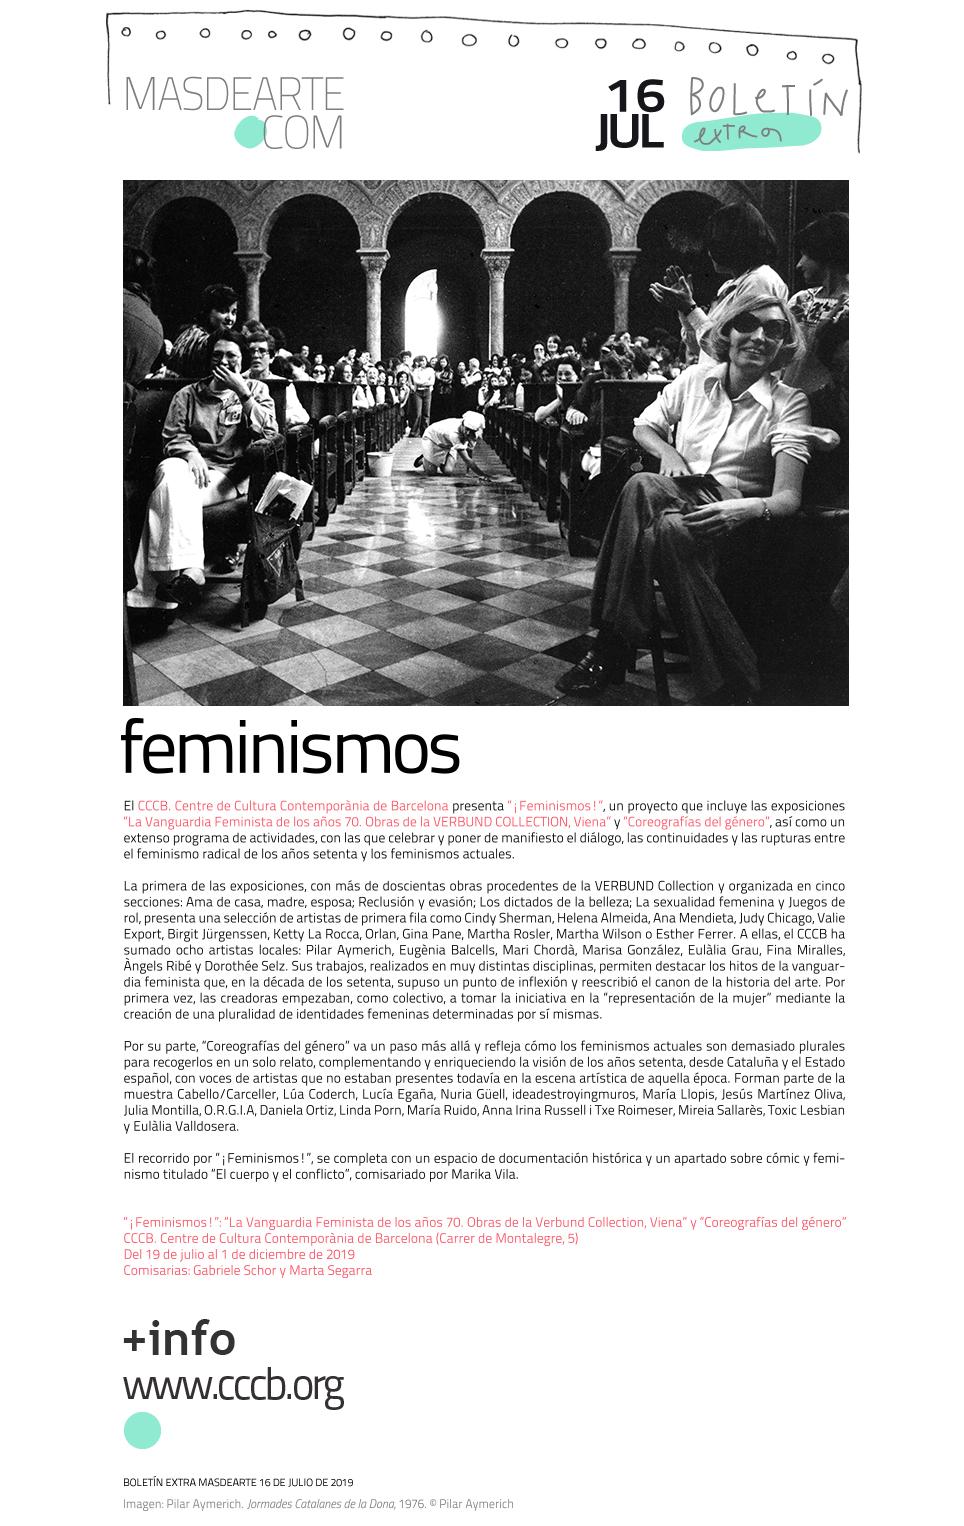 ¡FEMINISMOS!. CCCB, del 19 de julio al 1 de diciembre de 2019.